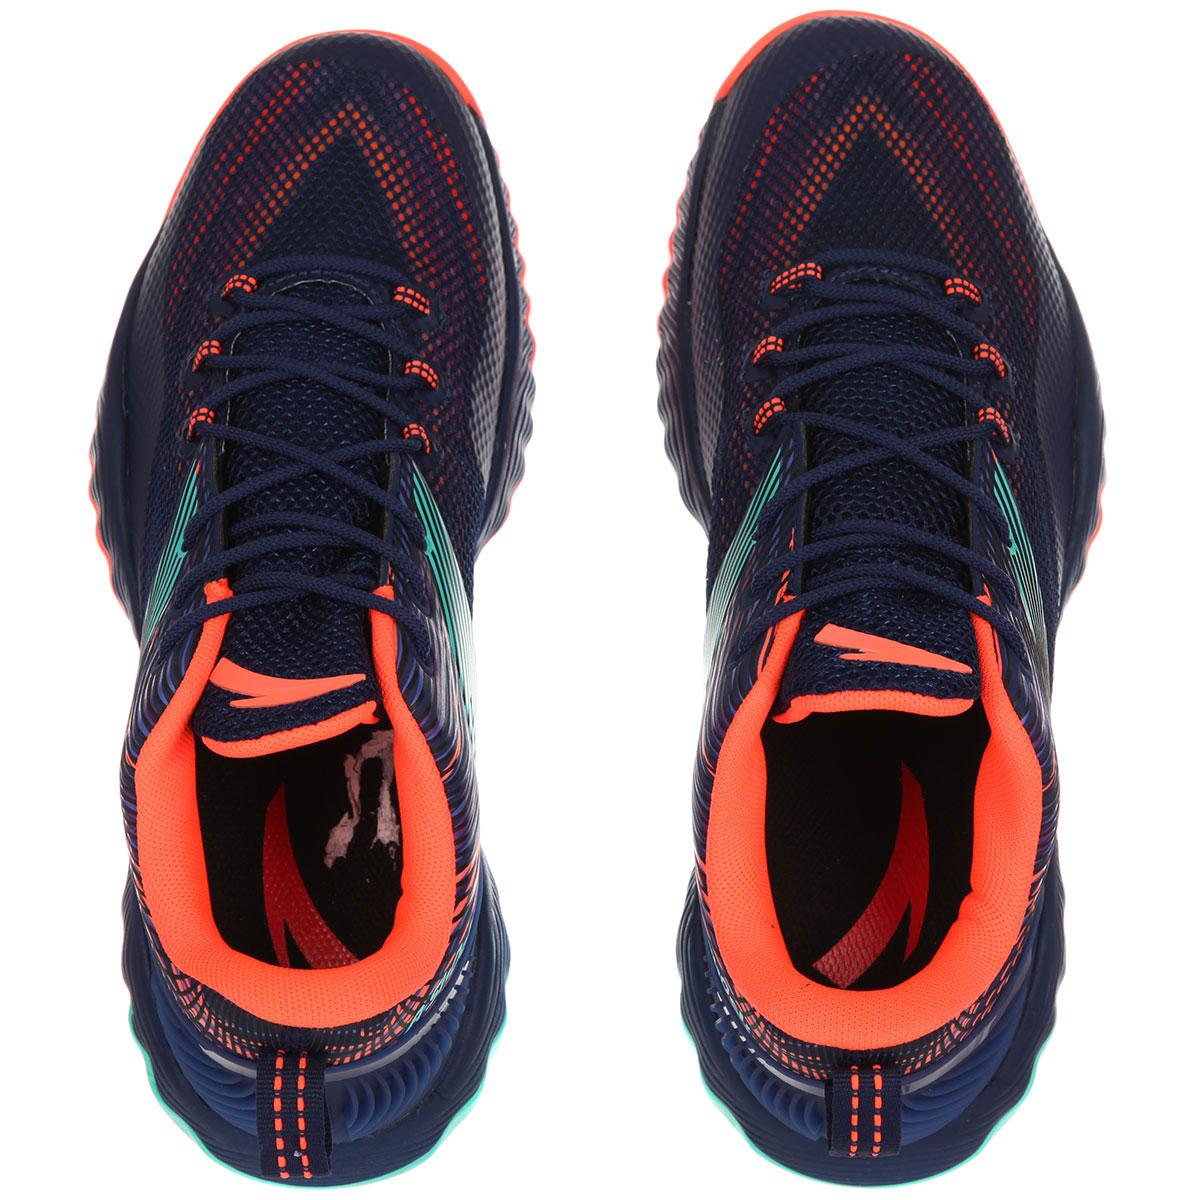 aa335438 Купить кроссовки ANTA обувь кеды кроссовки для баскетбола синие в ...